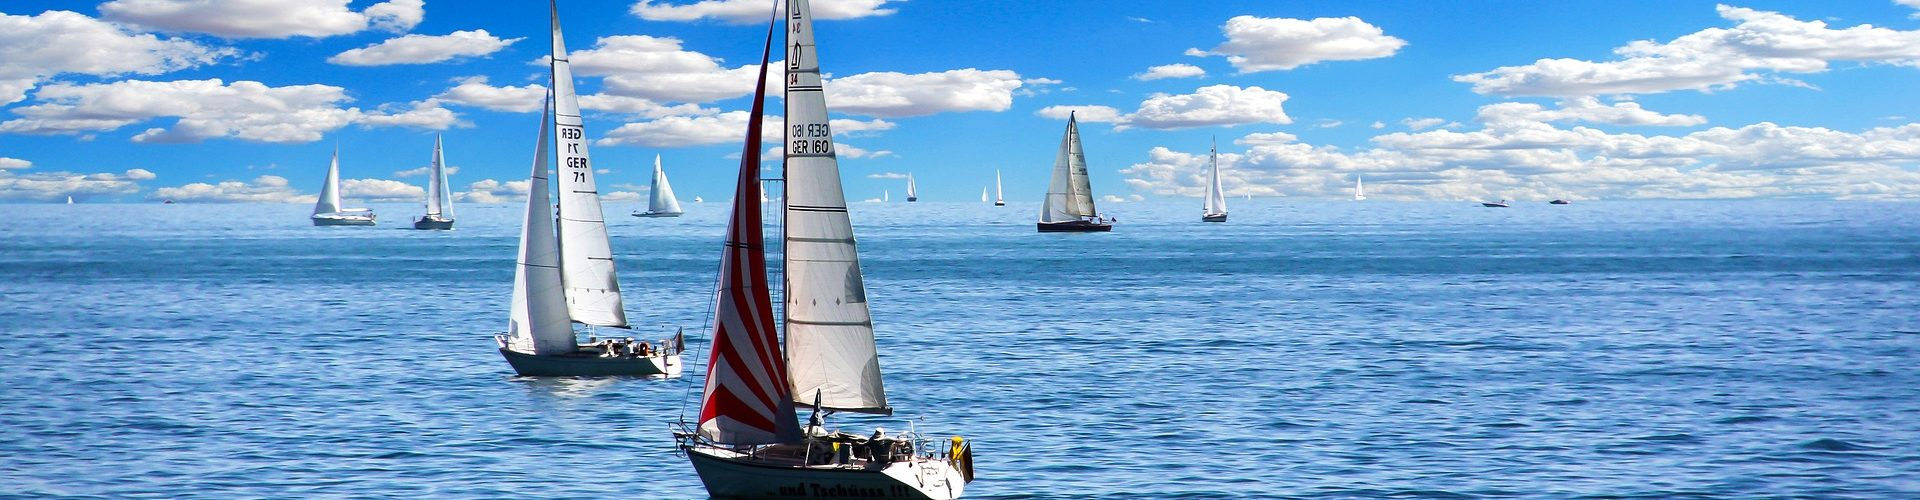 segeln lernen in Lilienthal segelschein machen in Lilienthal 1920x500 - Segeln lernen in Lilienthal